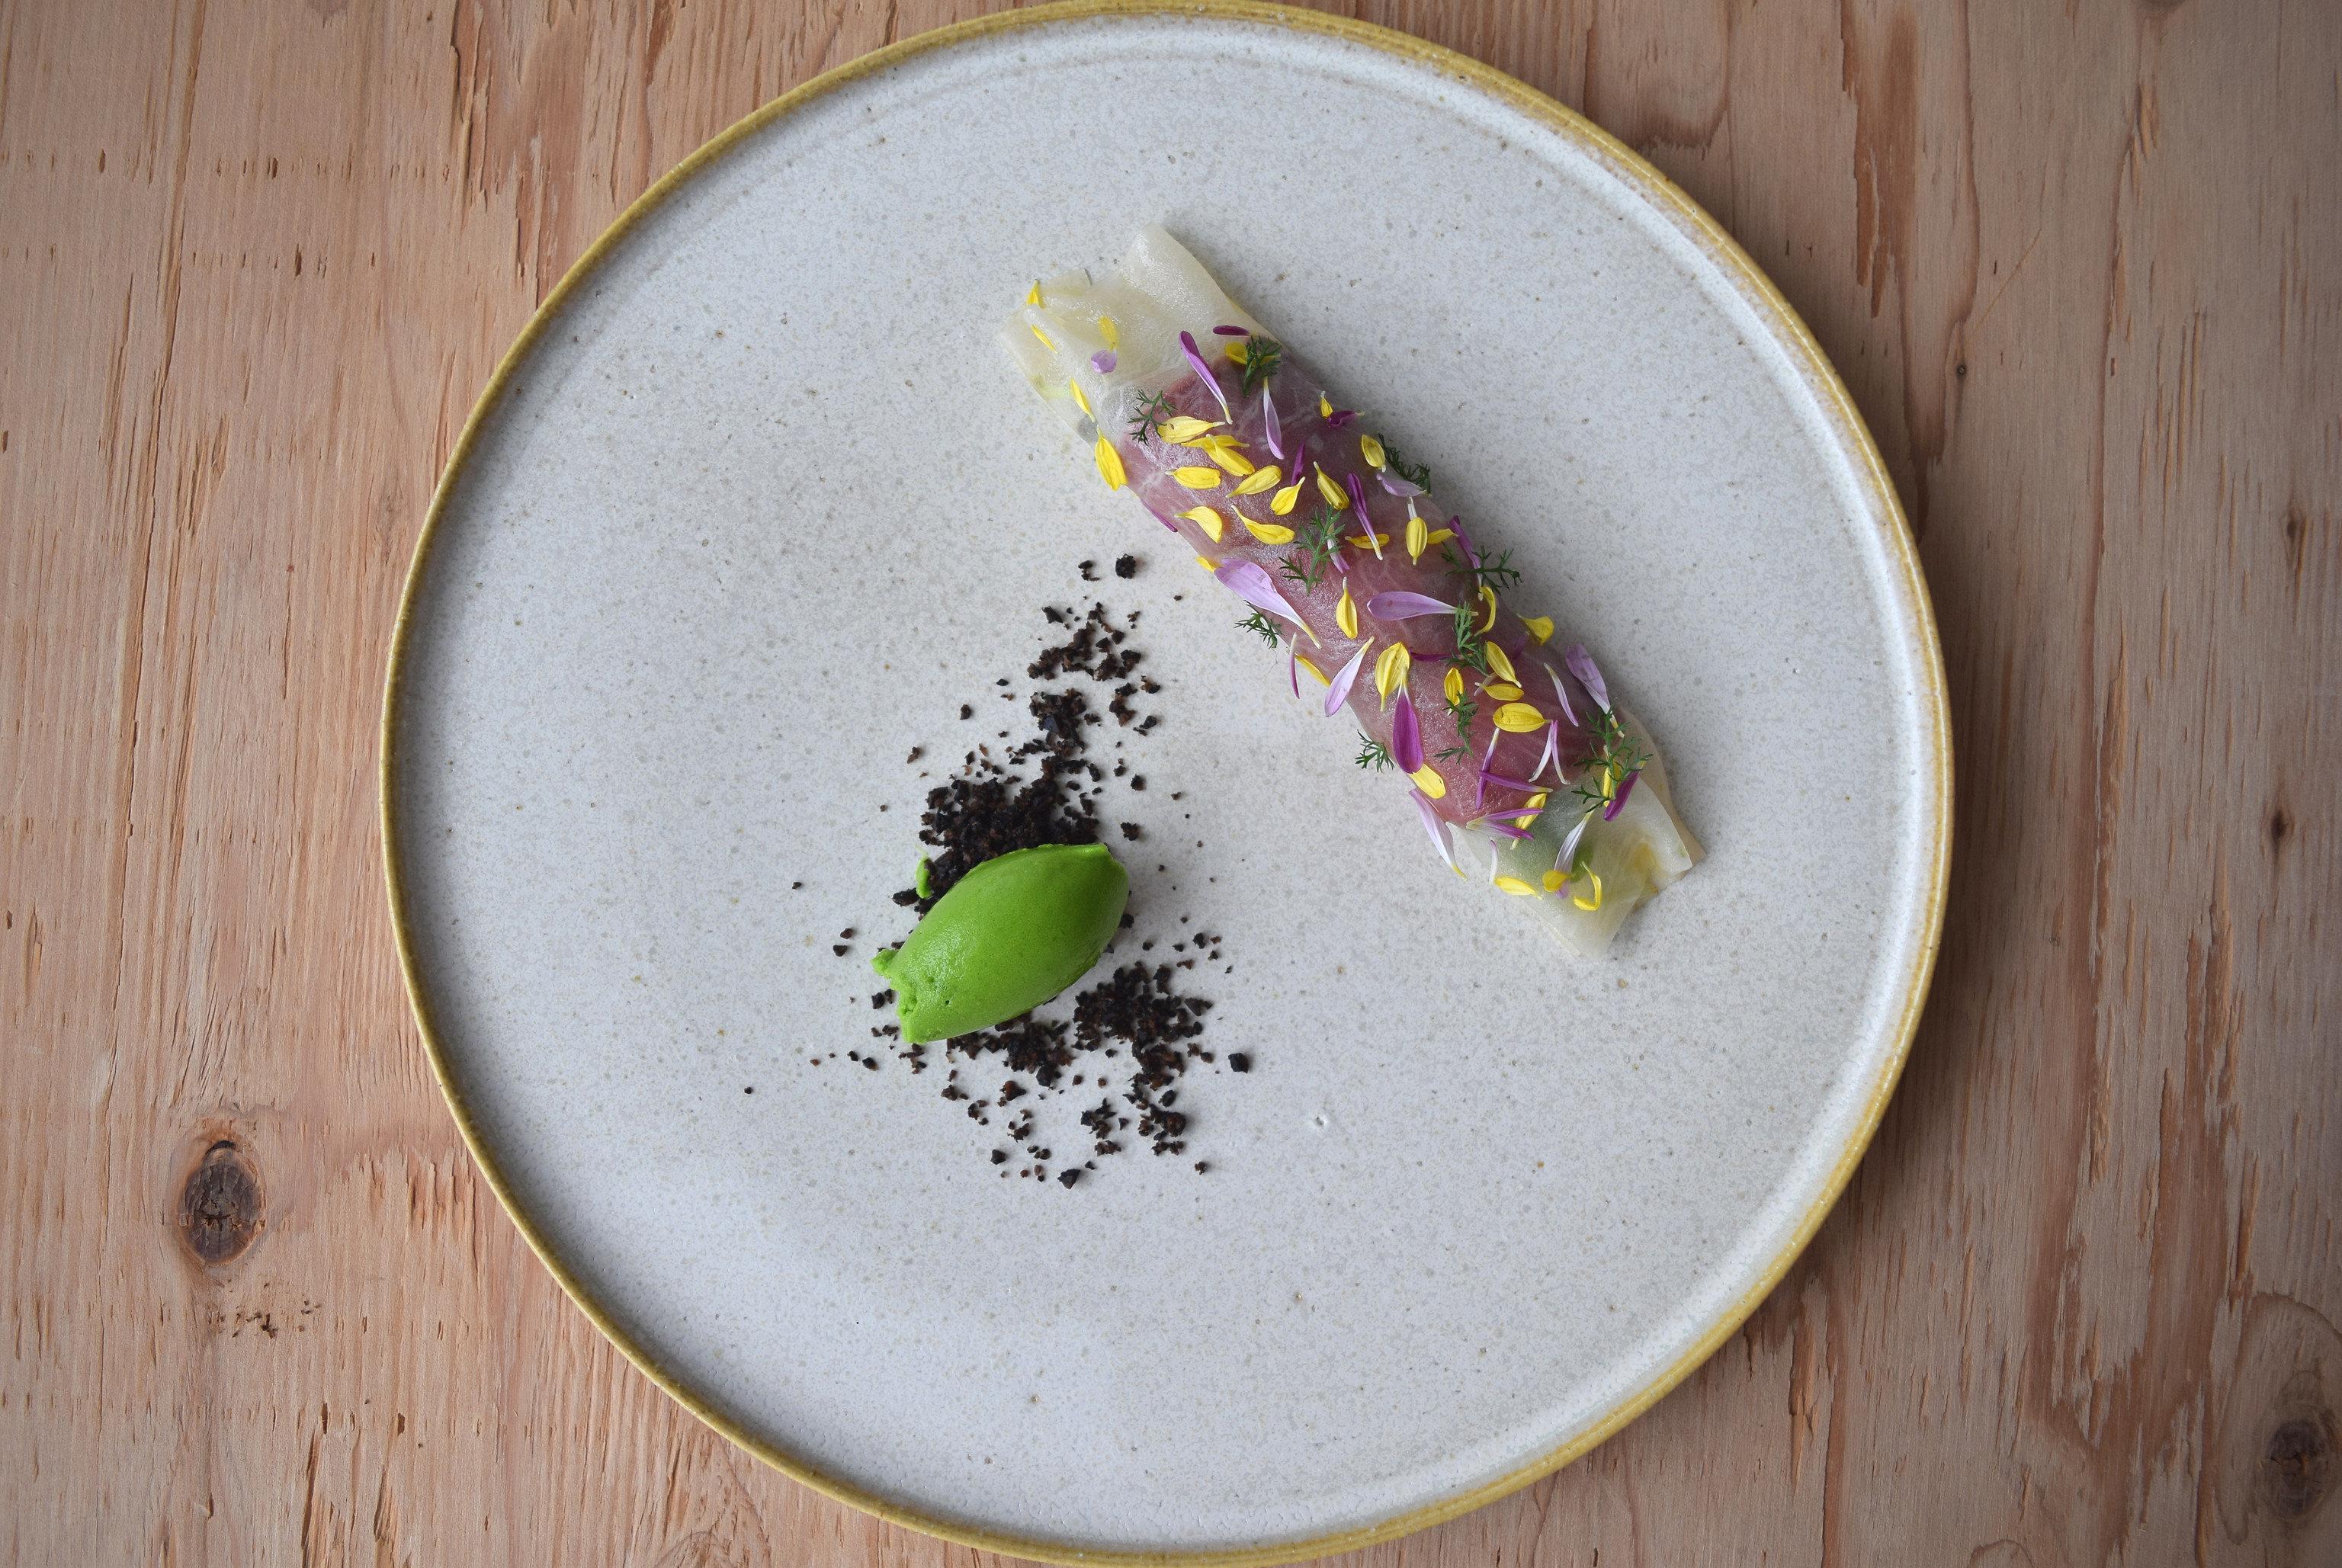 Hotels Japan Tokyo color plate green slice wooden leaf fruit food produce half plant Drink flower vegetable sliced fresh